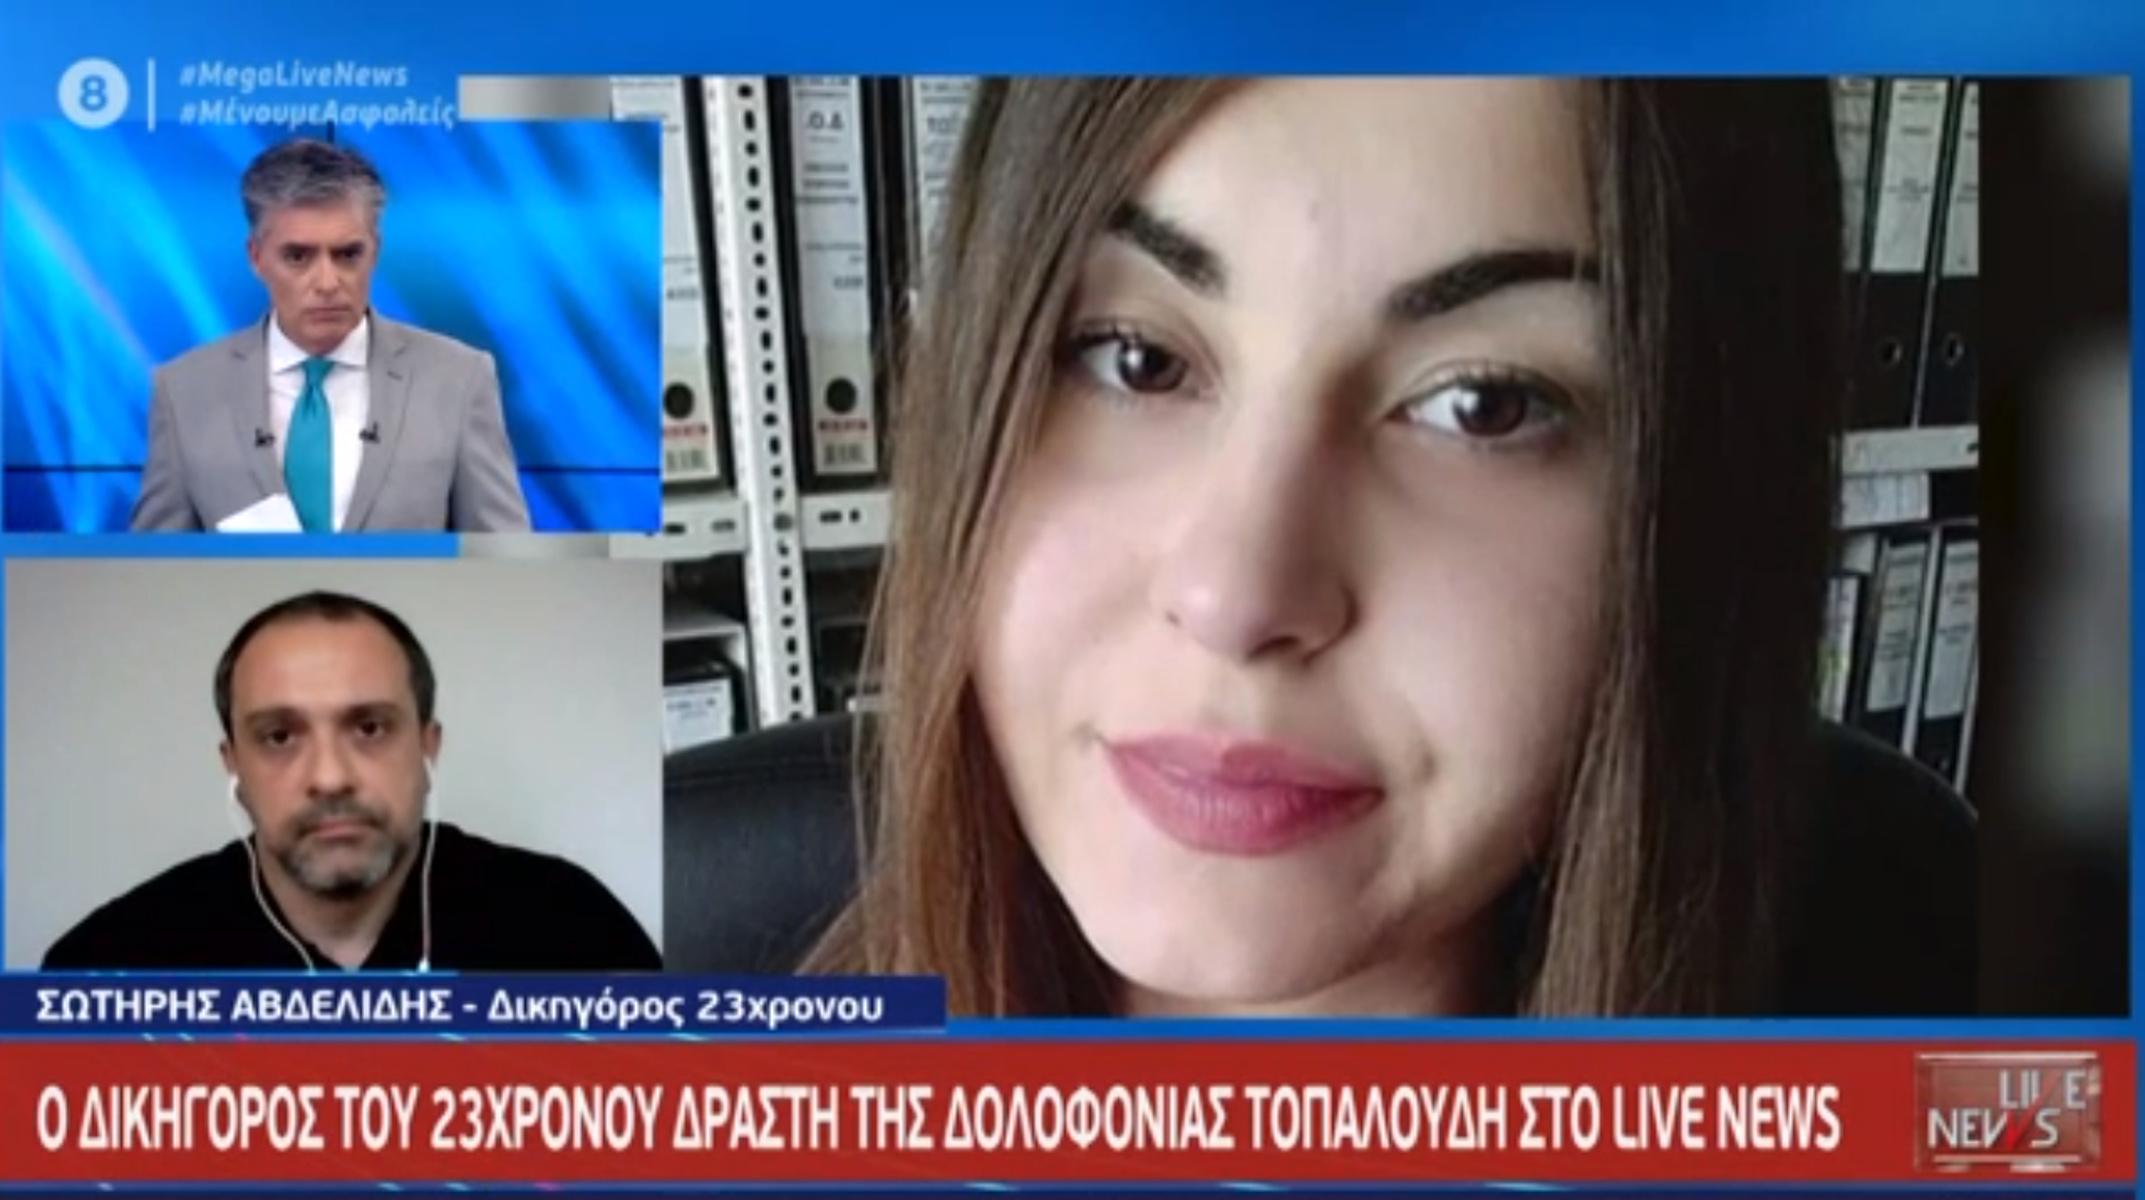 Τοπαλούδη: «Δεν είναι ικανοποιημένος με την απόφαση» λέει ο δικηγόρος του Ροδίτη στο Live News (video)